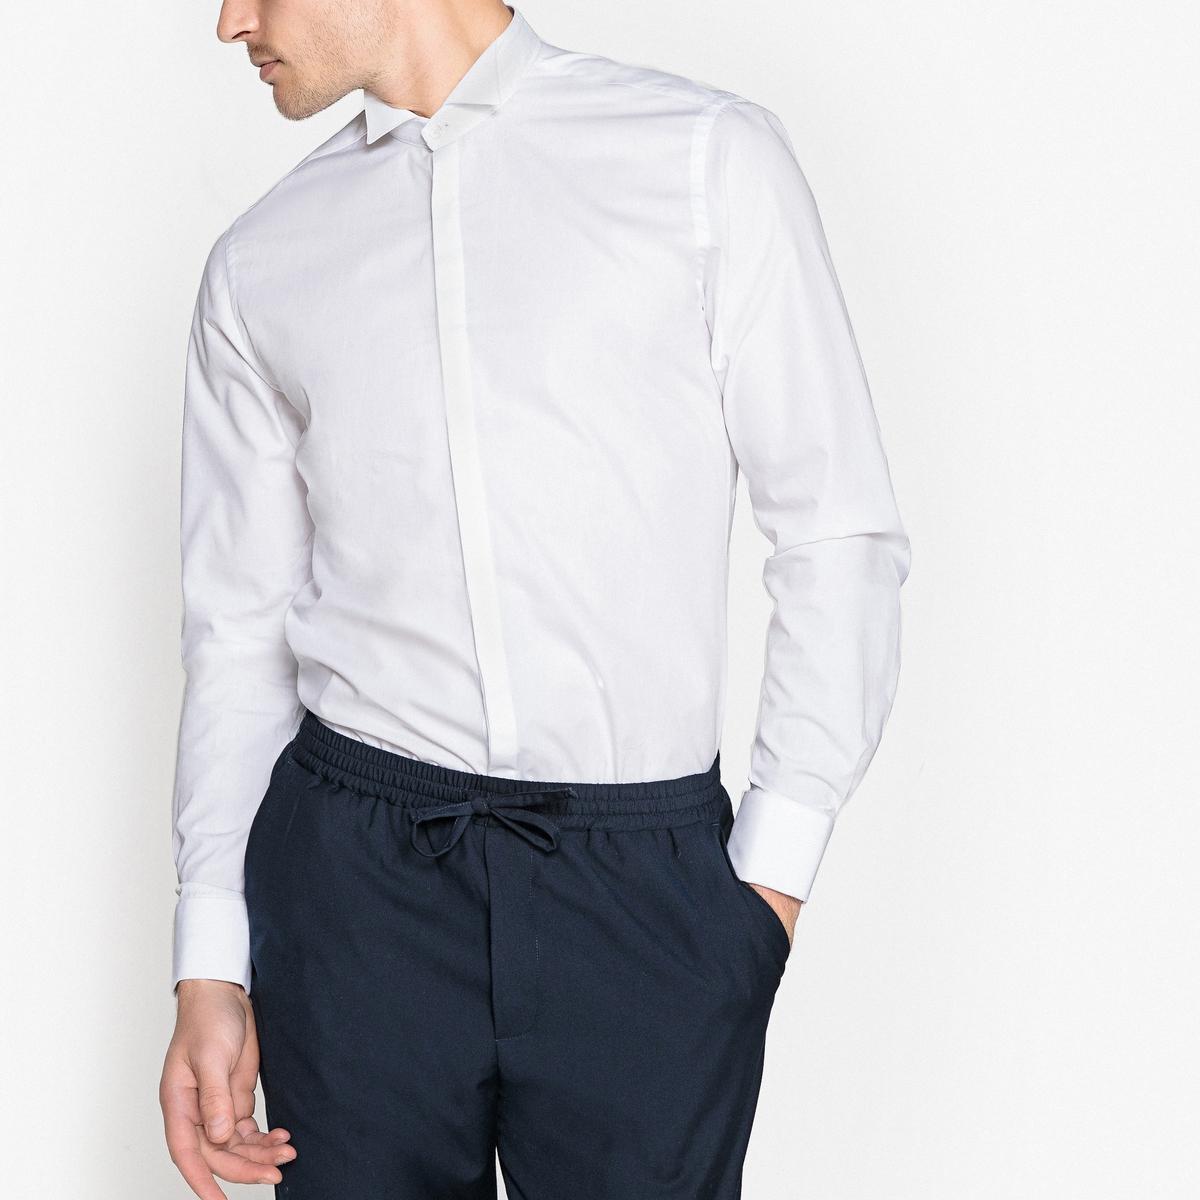 Camisa colarinho de smoking, corte slim